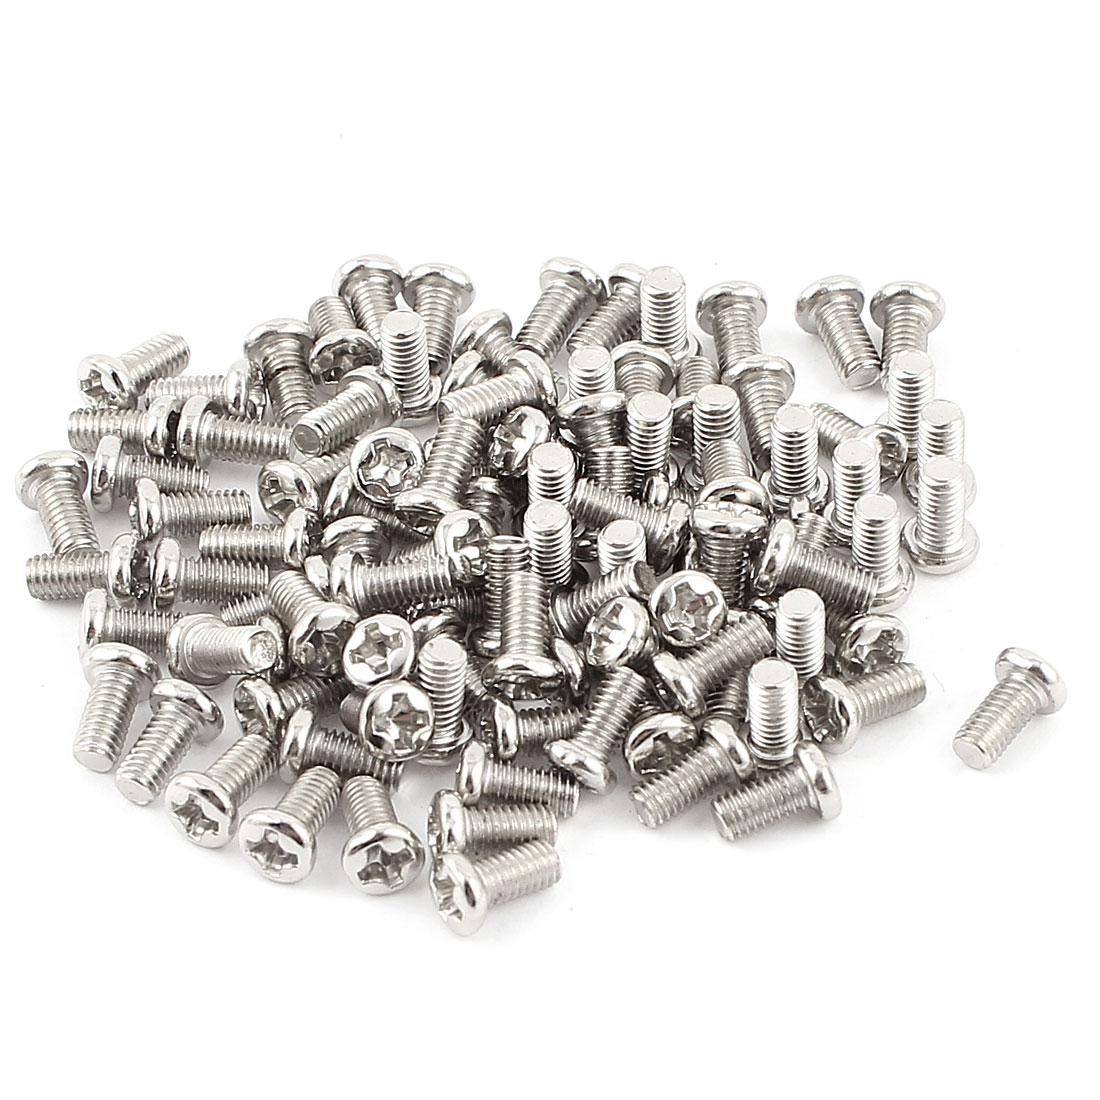 100pcs M3 x 6mm Recessed Crosshead Cross Head Threaded Screw Bolt Fasteners